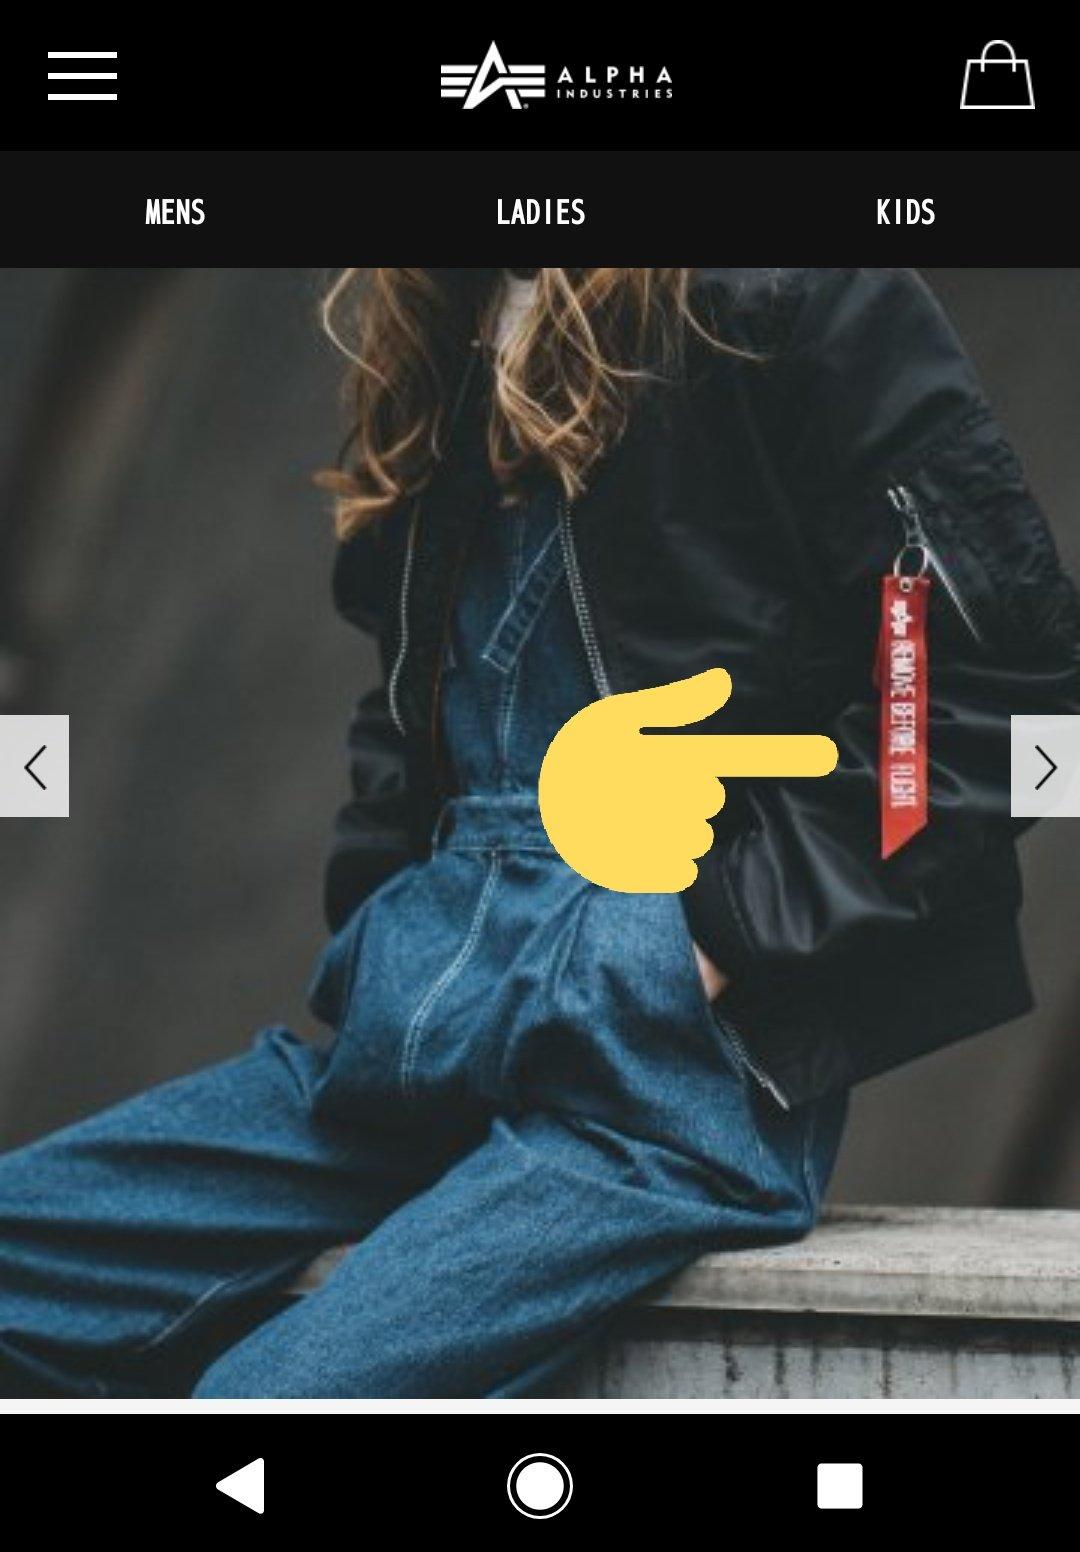 画像,デレマス新アイドルの砂塚あきらちゃんR特訓前がきてる黒のミリタリージャケットみたいなやつ、ブランドはALPHAっぽいよね。左腕についてる赤いタグが特徴的だし h…